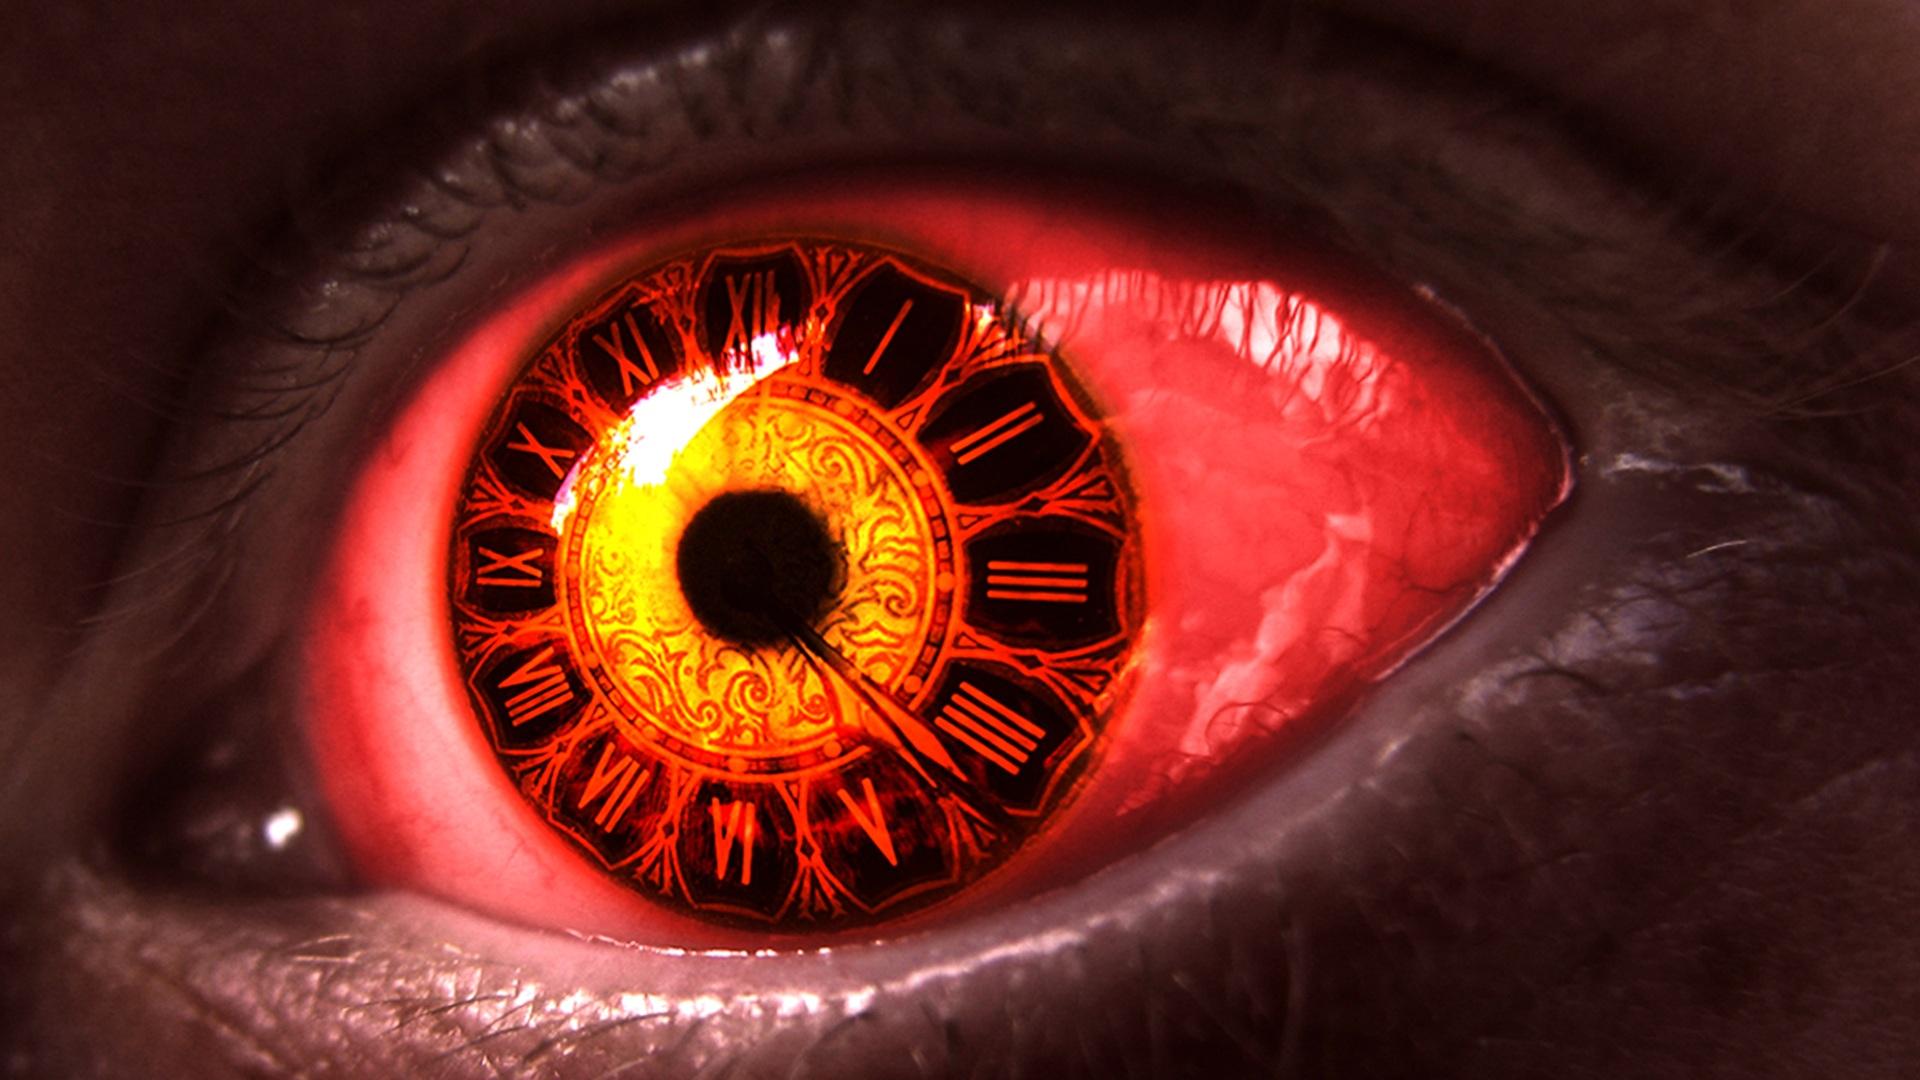 2014 03 clock eyes wallpaper